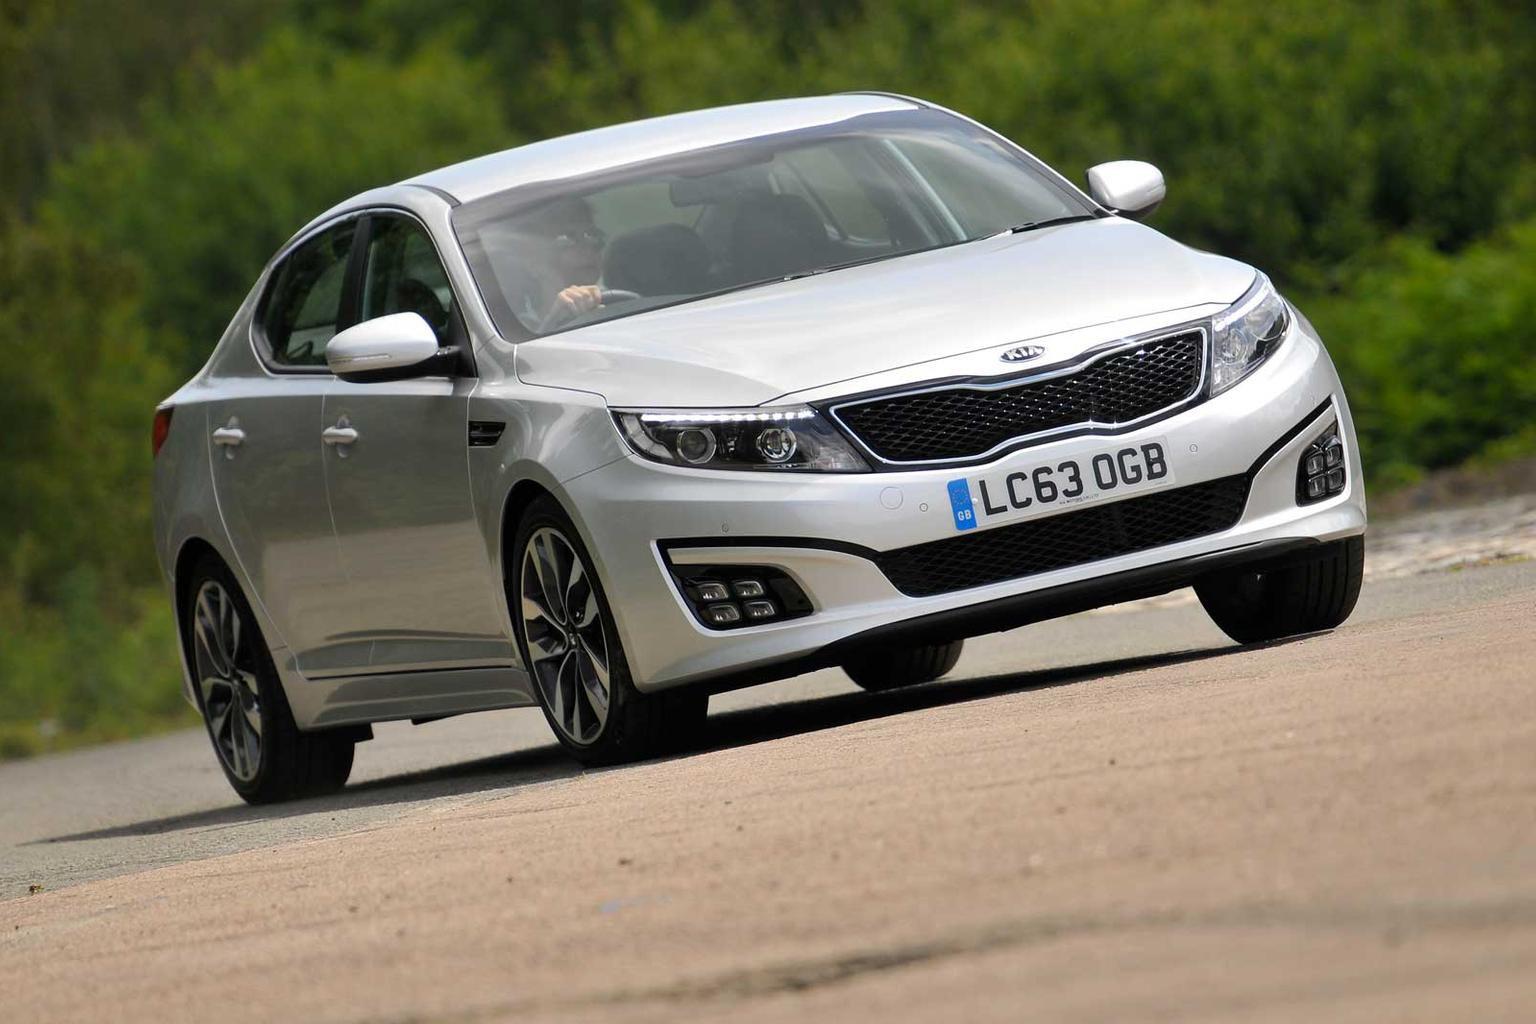 2014 Kia Optima review